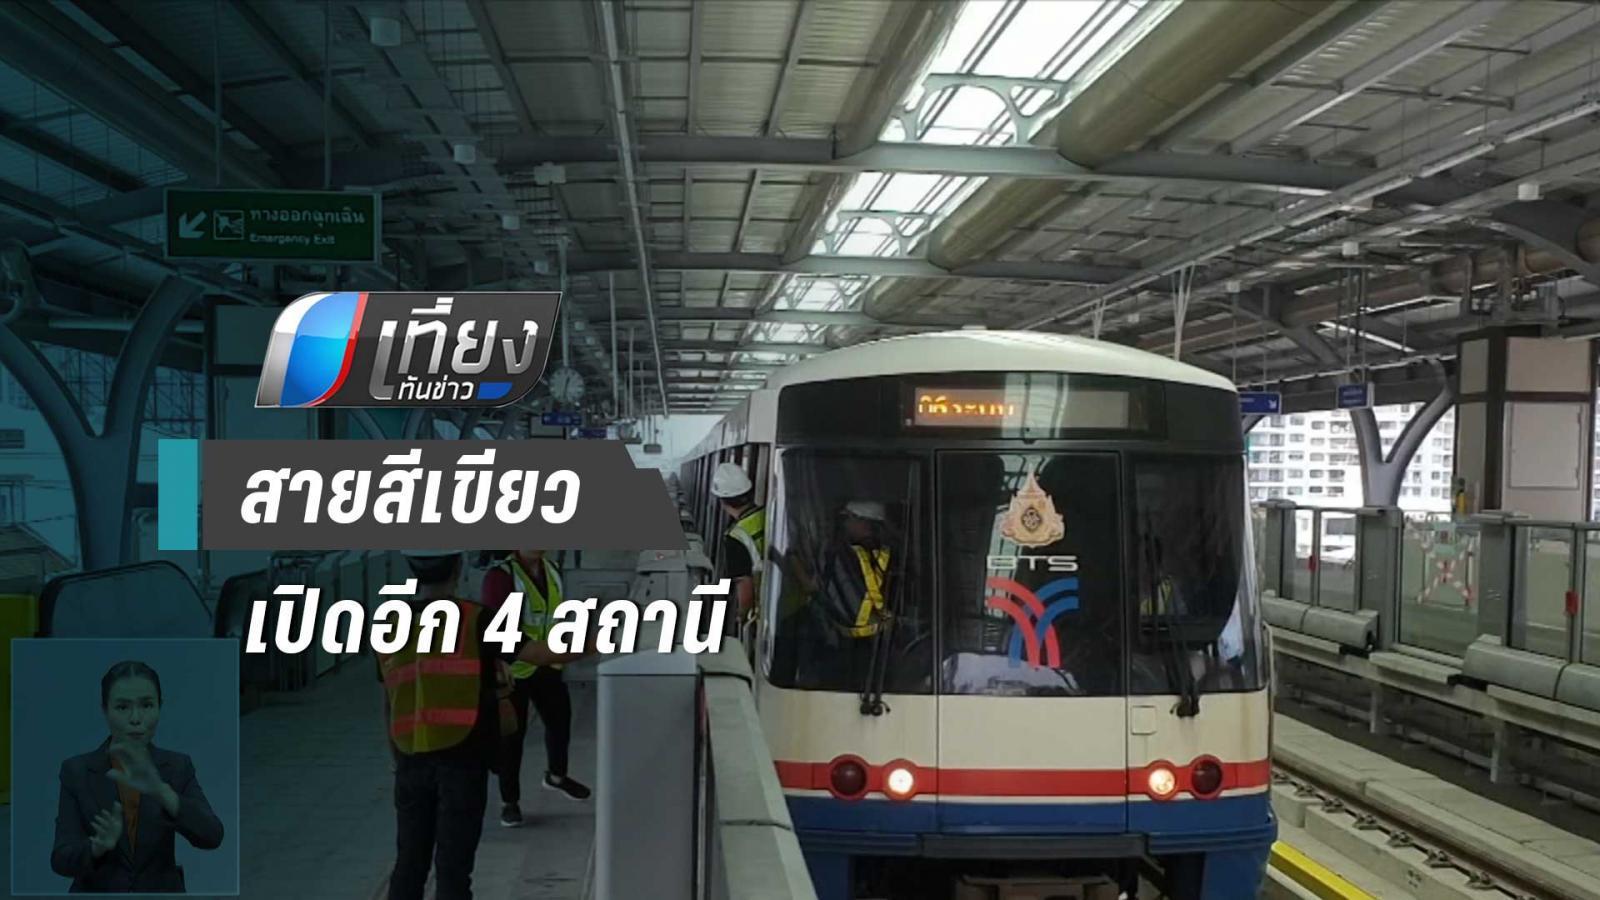 รถไฟฟ้าสายสีเขียว พร้อมเปิดอีก 4 สถานี ธ.ค.นี้